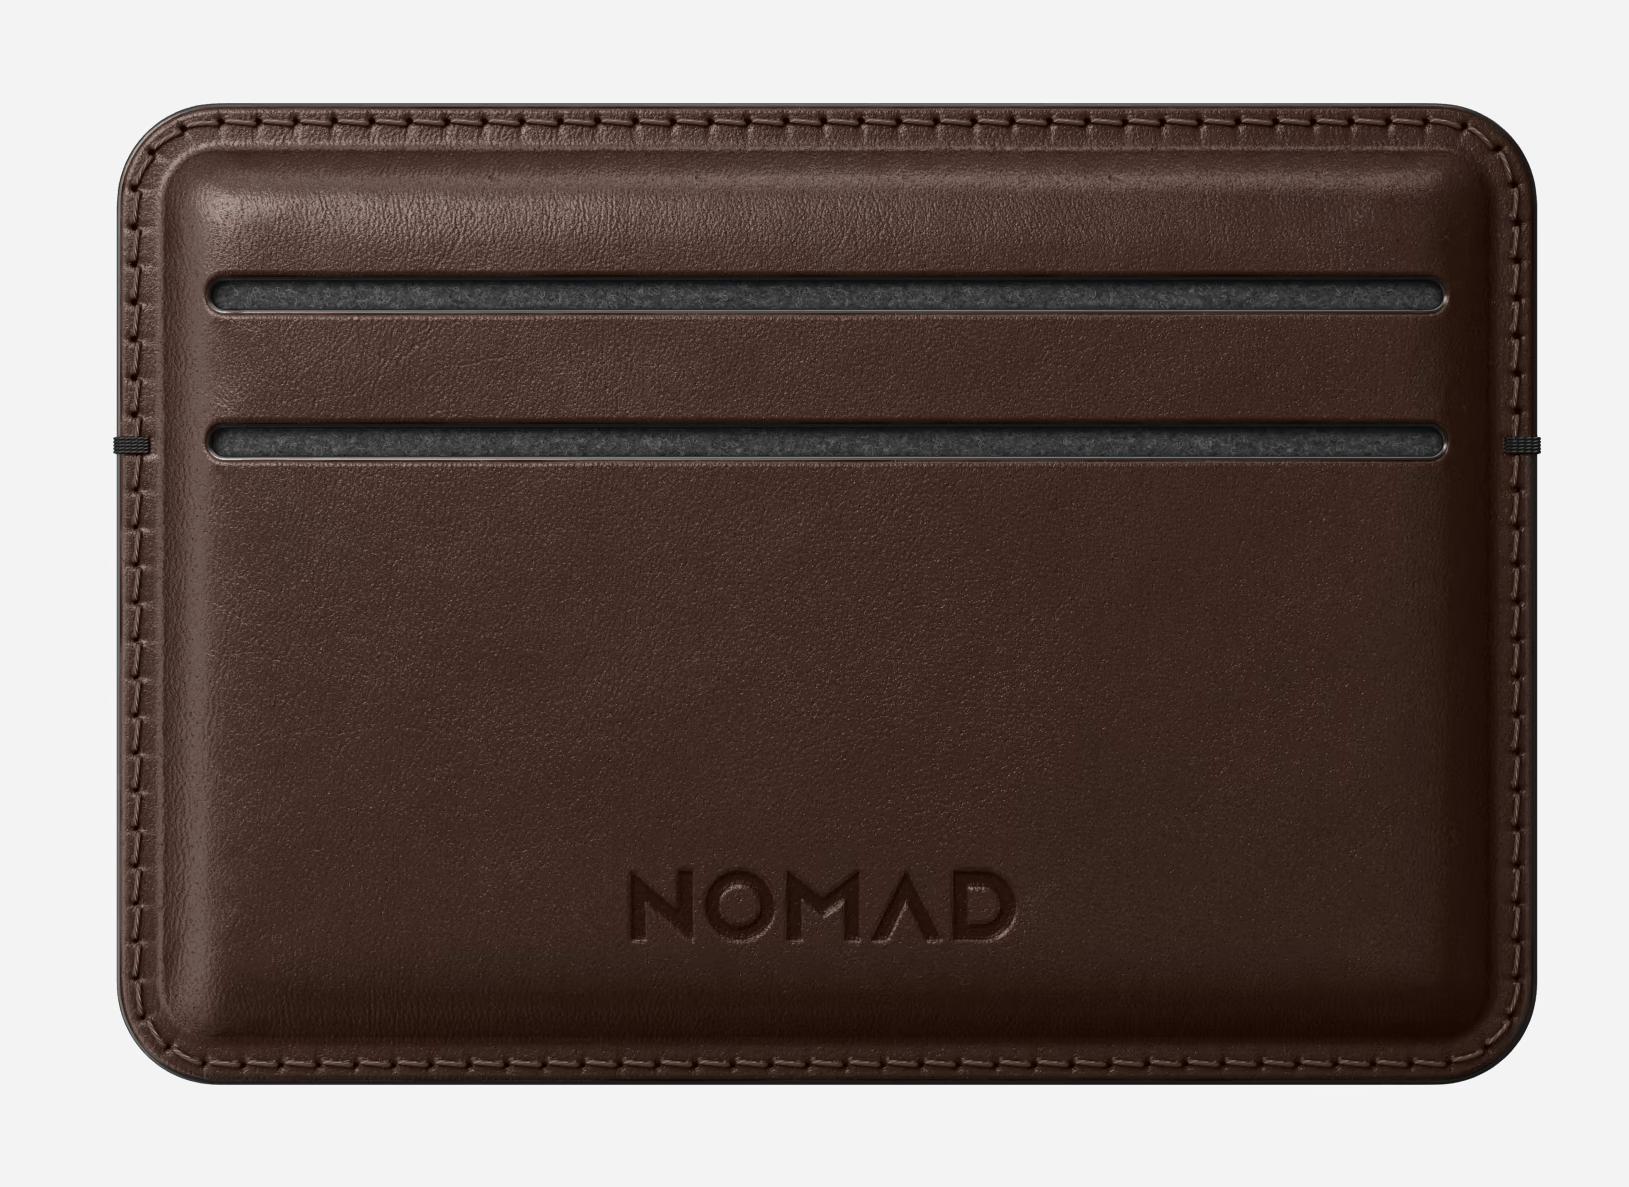 NOMAD Card Wallet